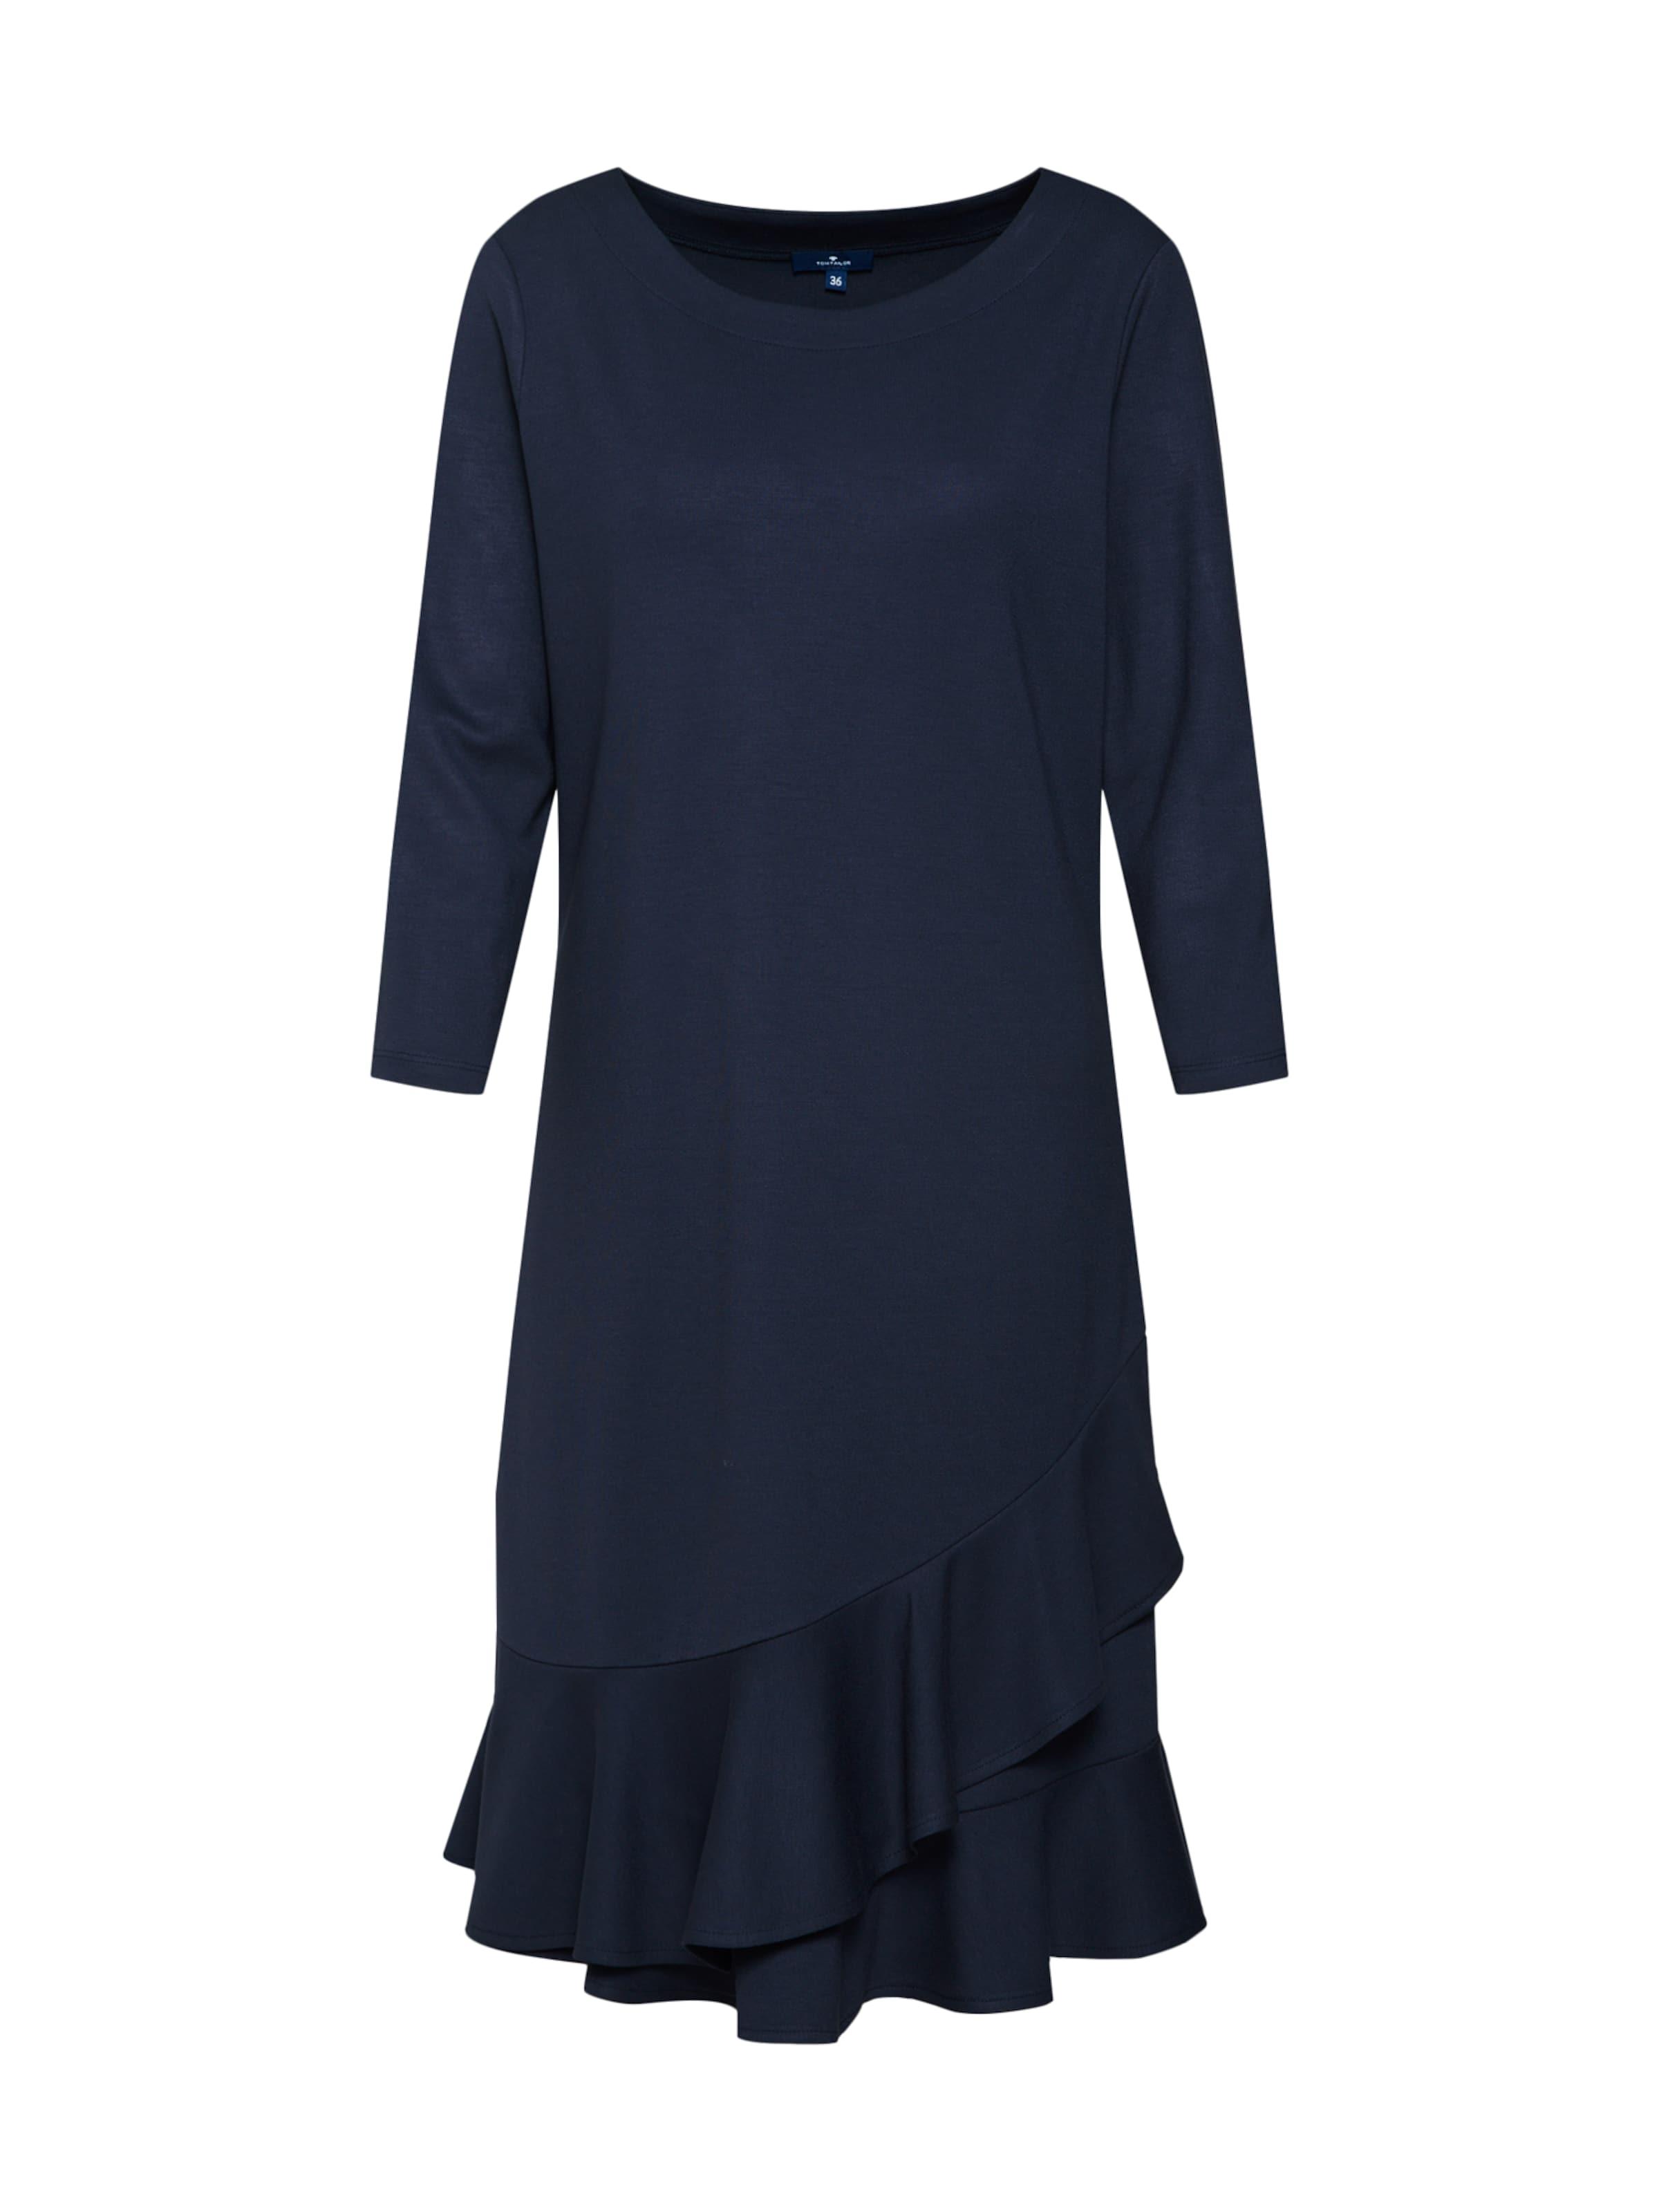 Bleu Robe Tom Tailor En Marine srtQdh